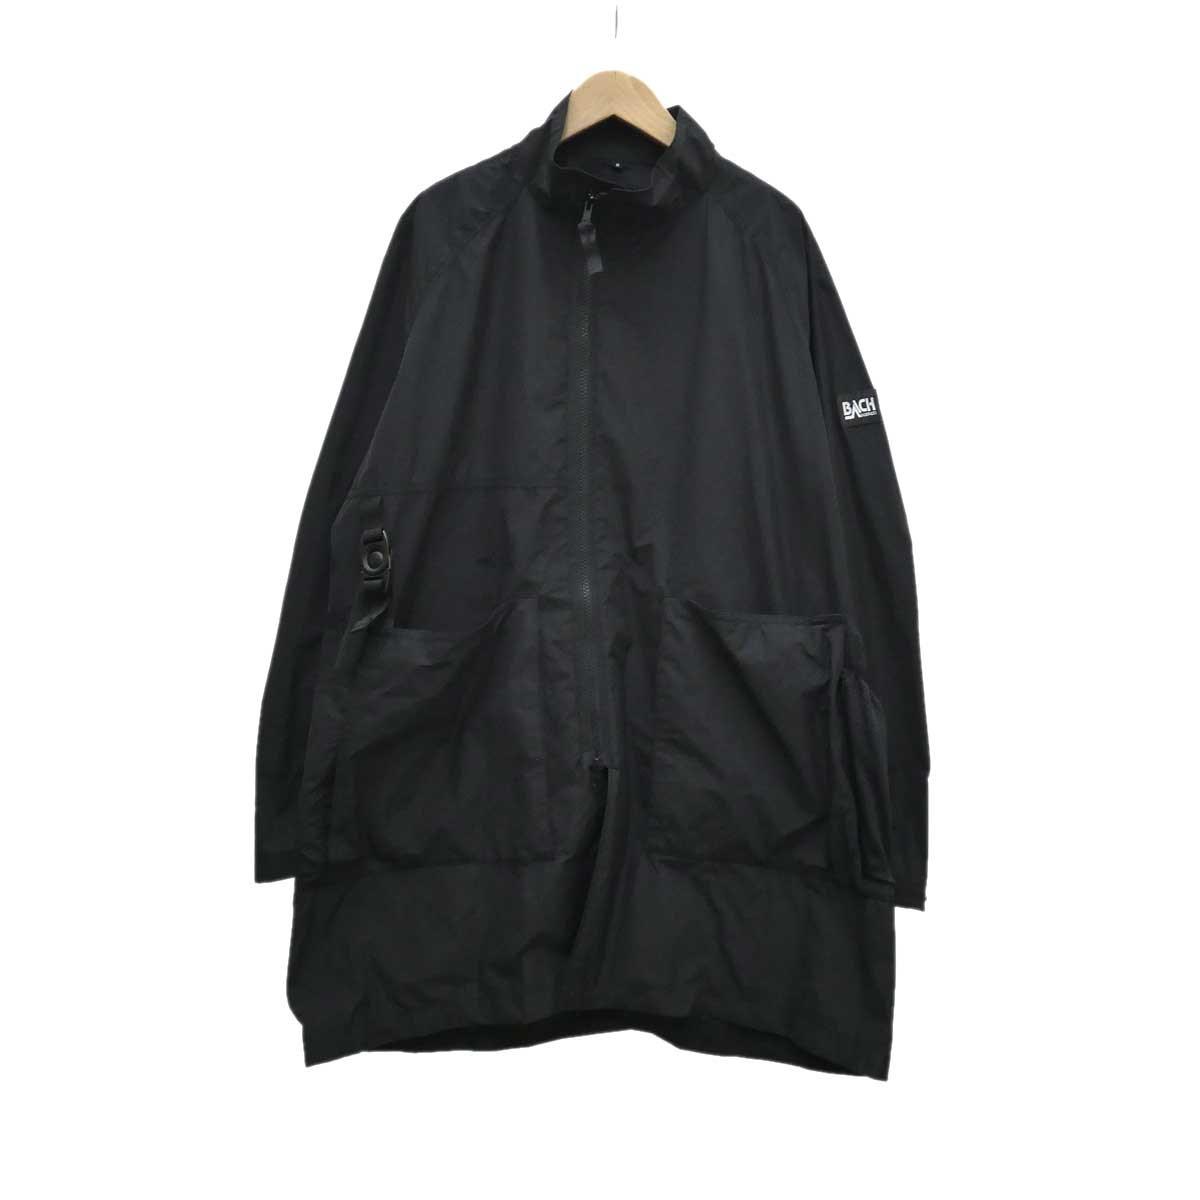 【中古】BACH COMMUTER COAT ブラック サイズ:M 【290520】(バッハ)